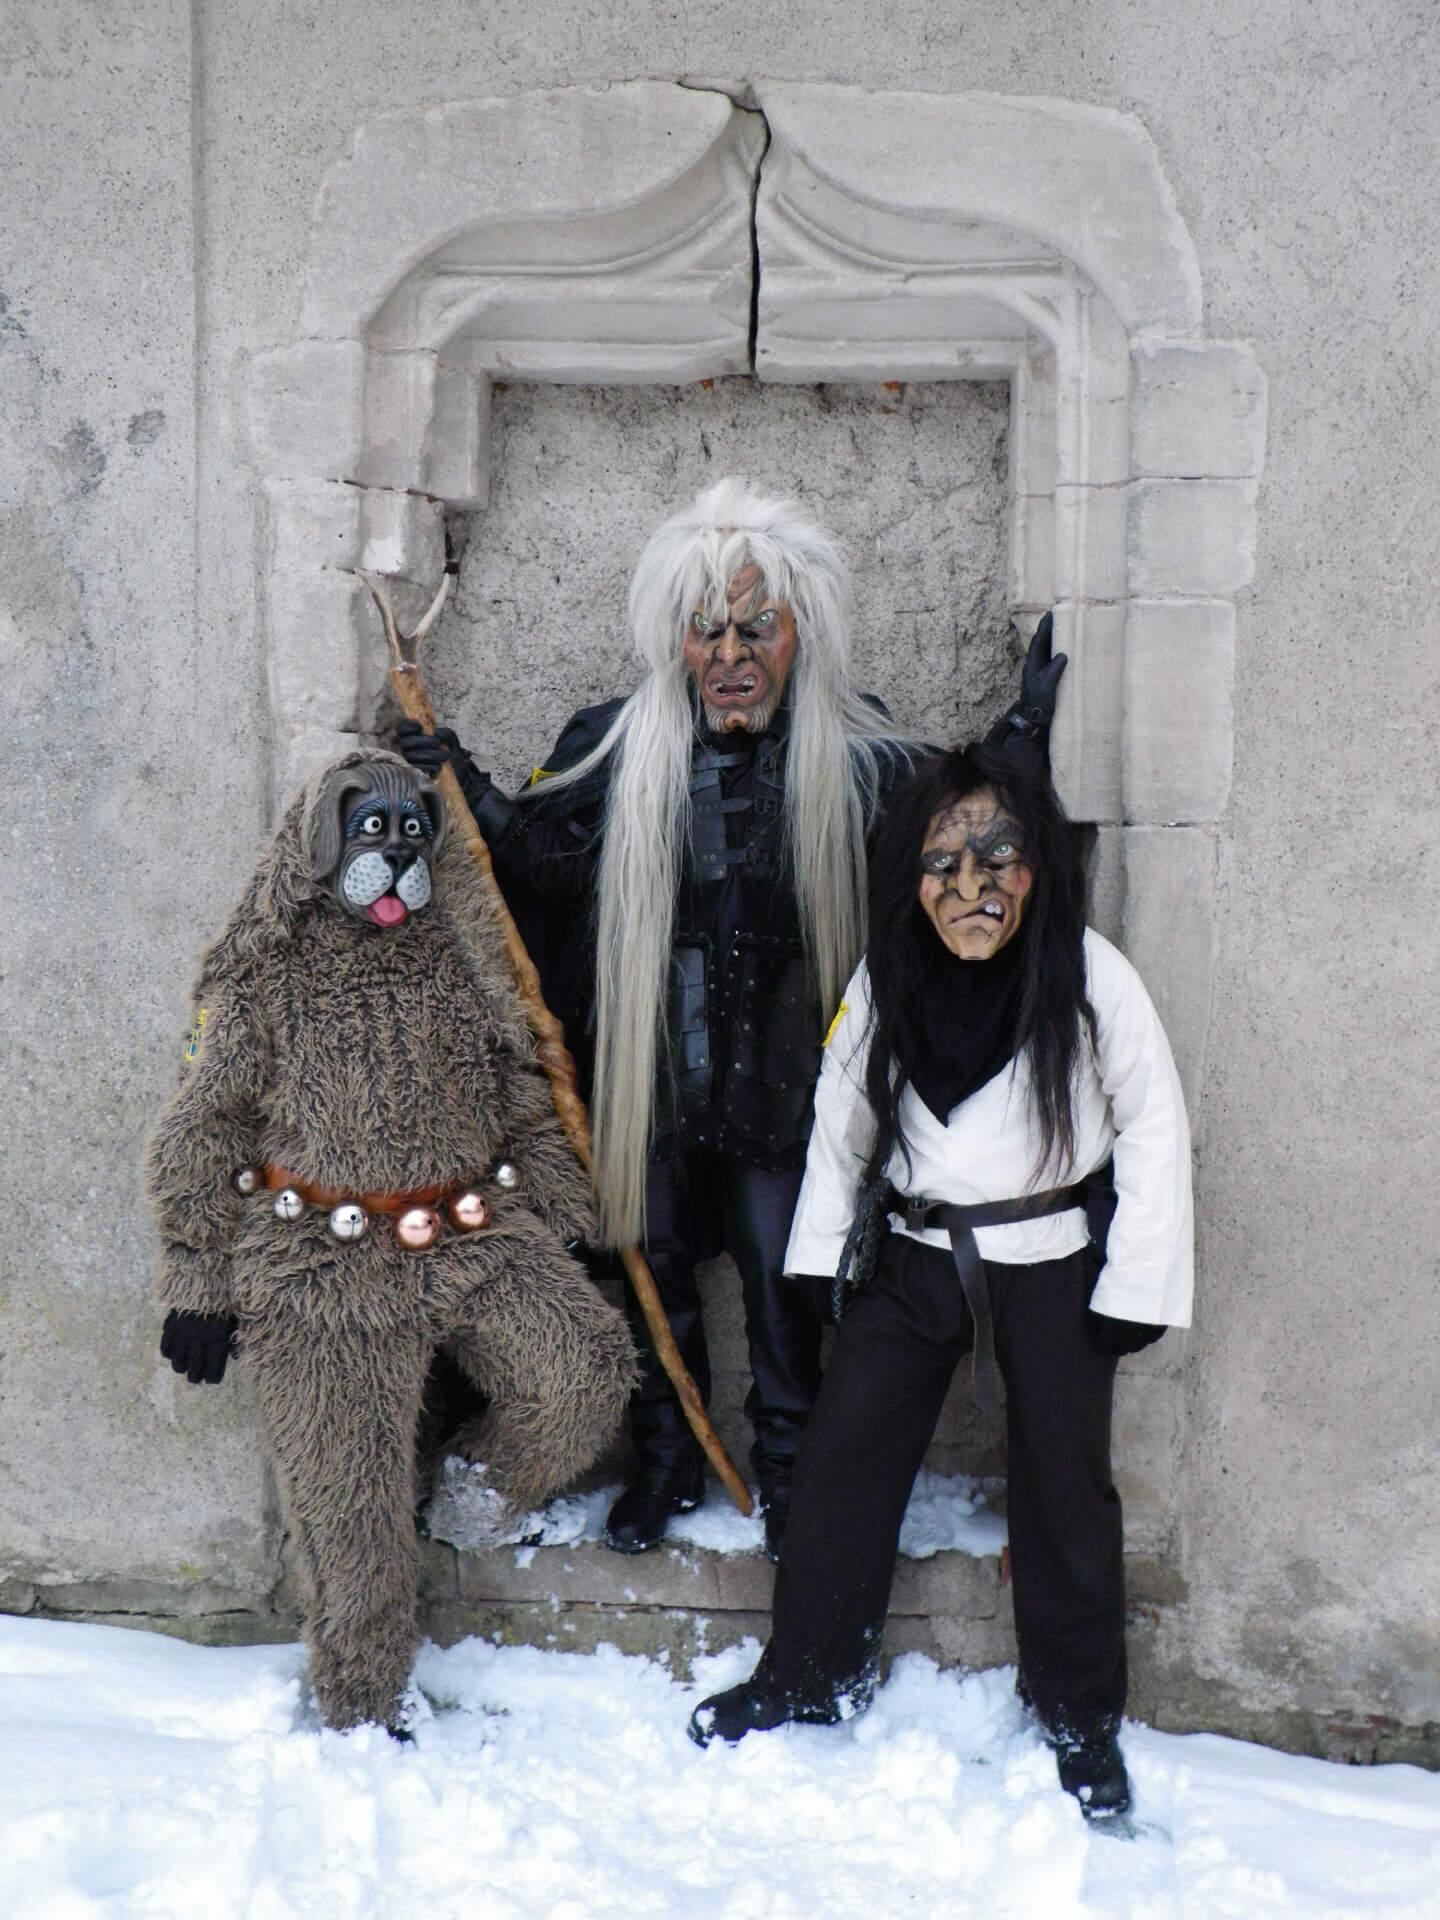 nv-bilder-masken-haes-12-2010-106